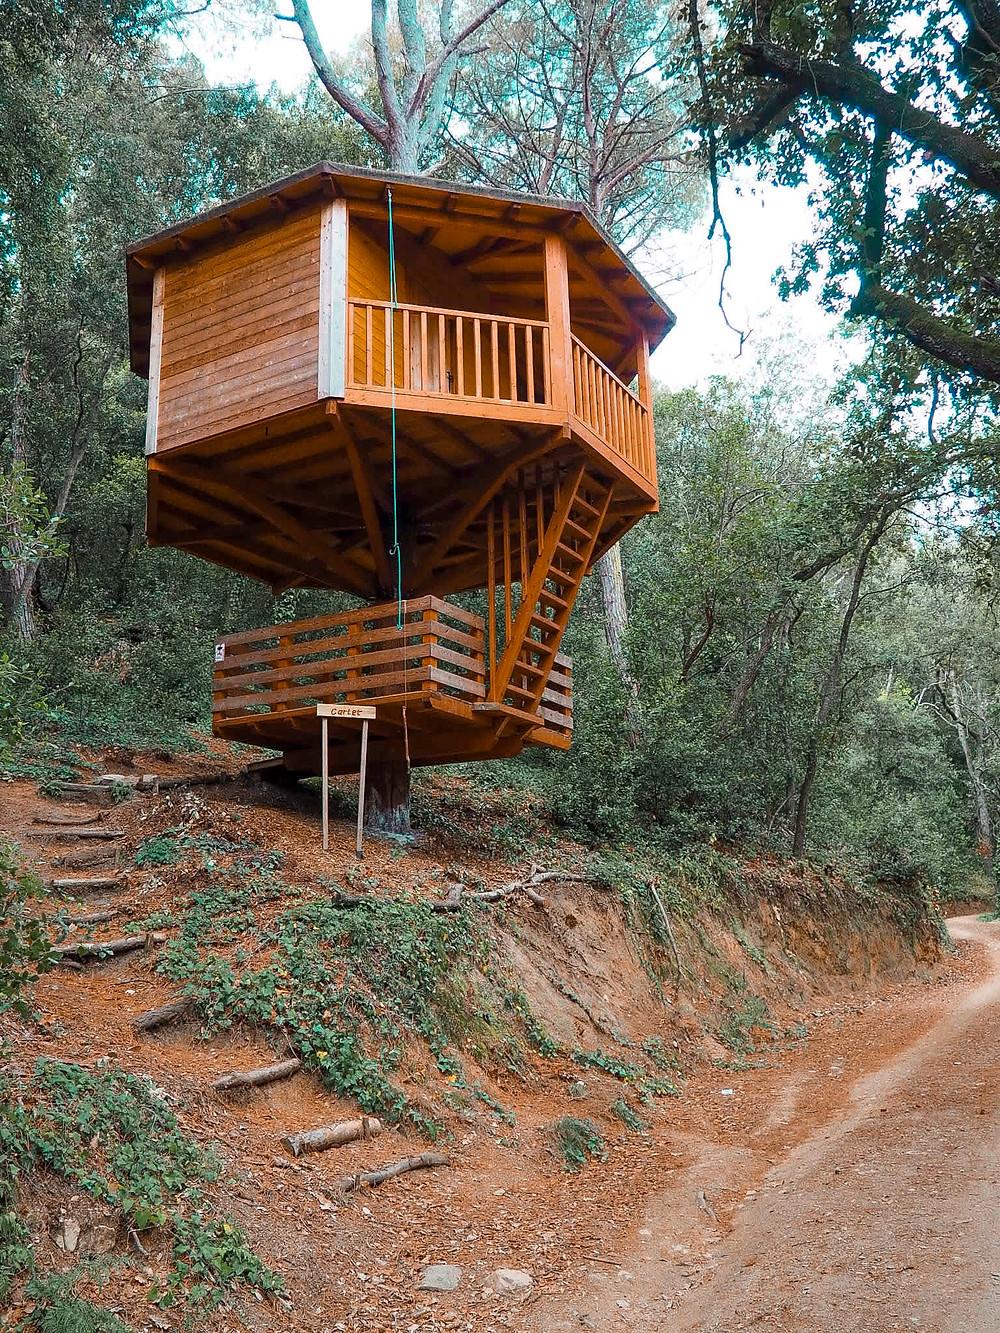 cabaña, naturaleza, bosque, madera